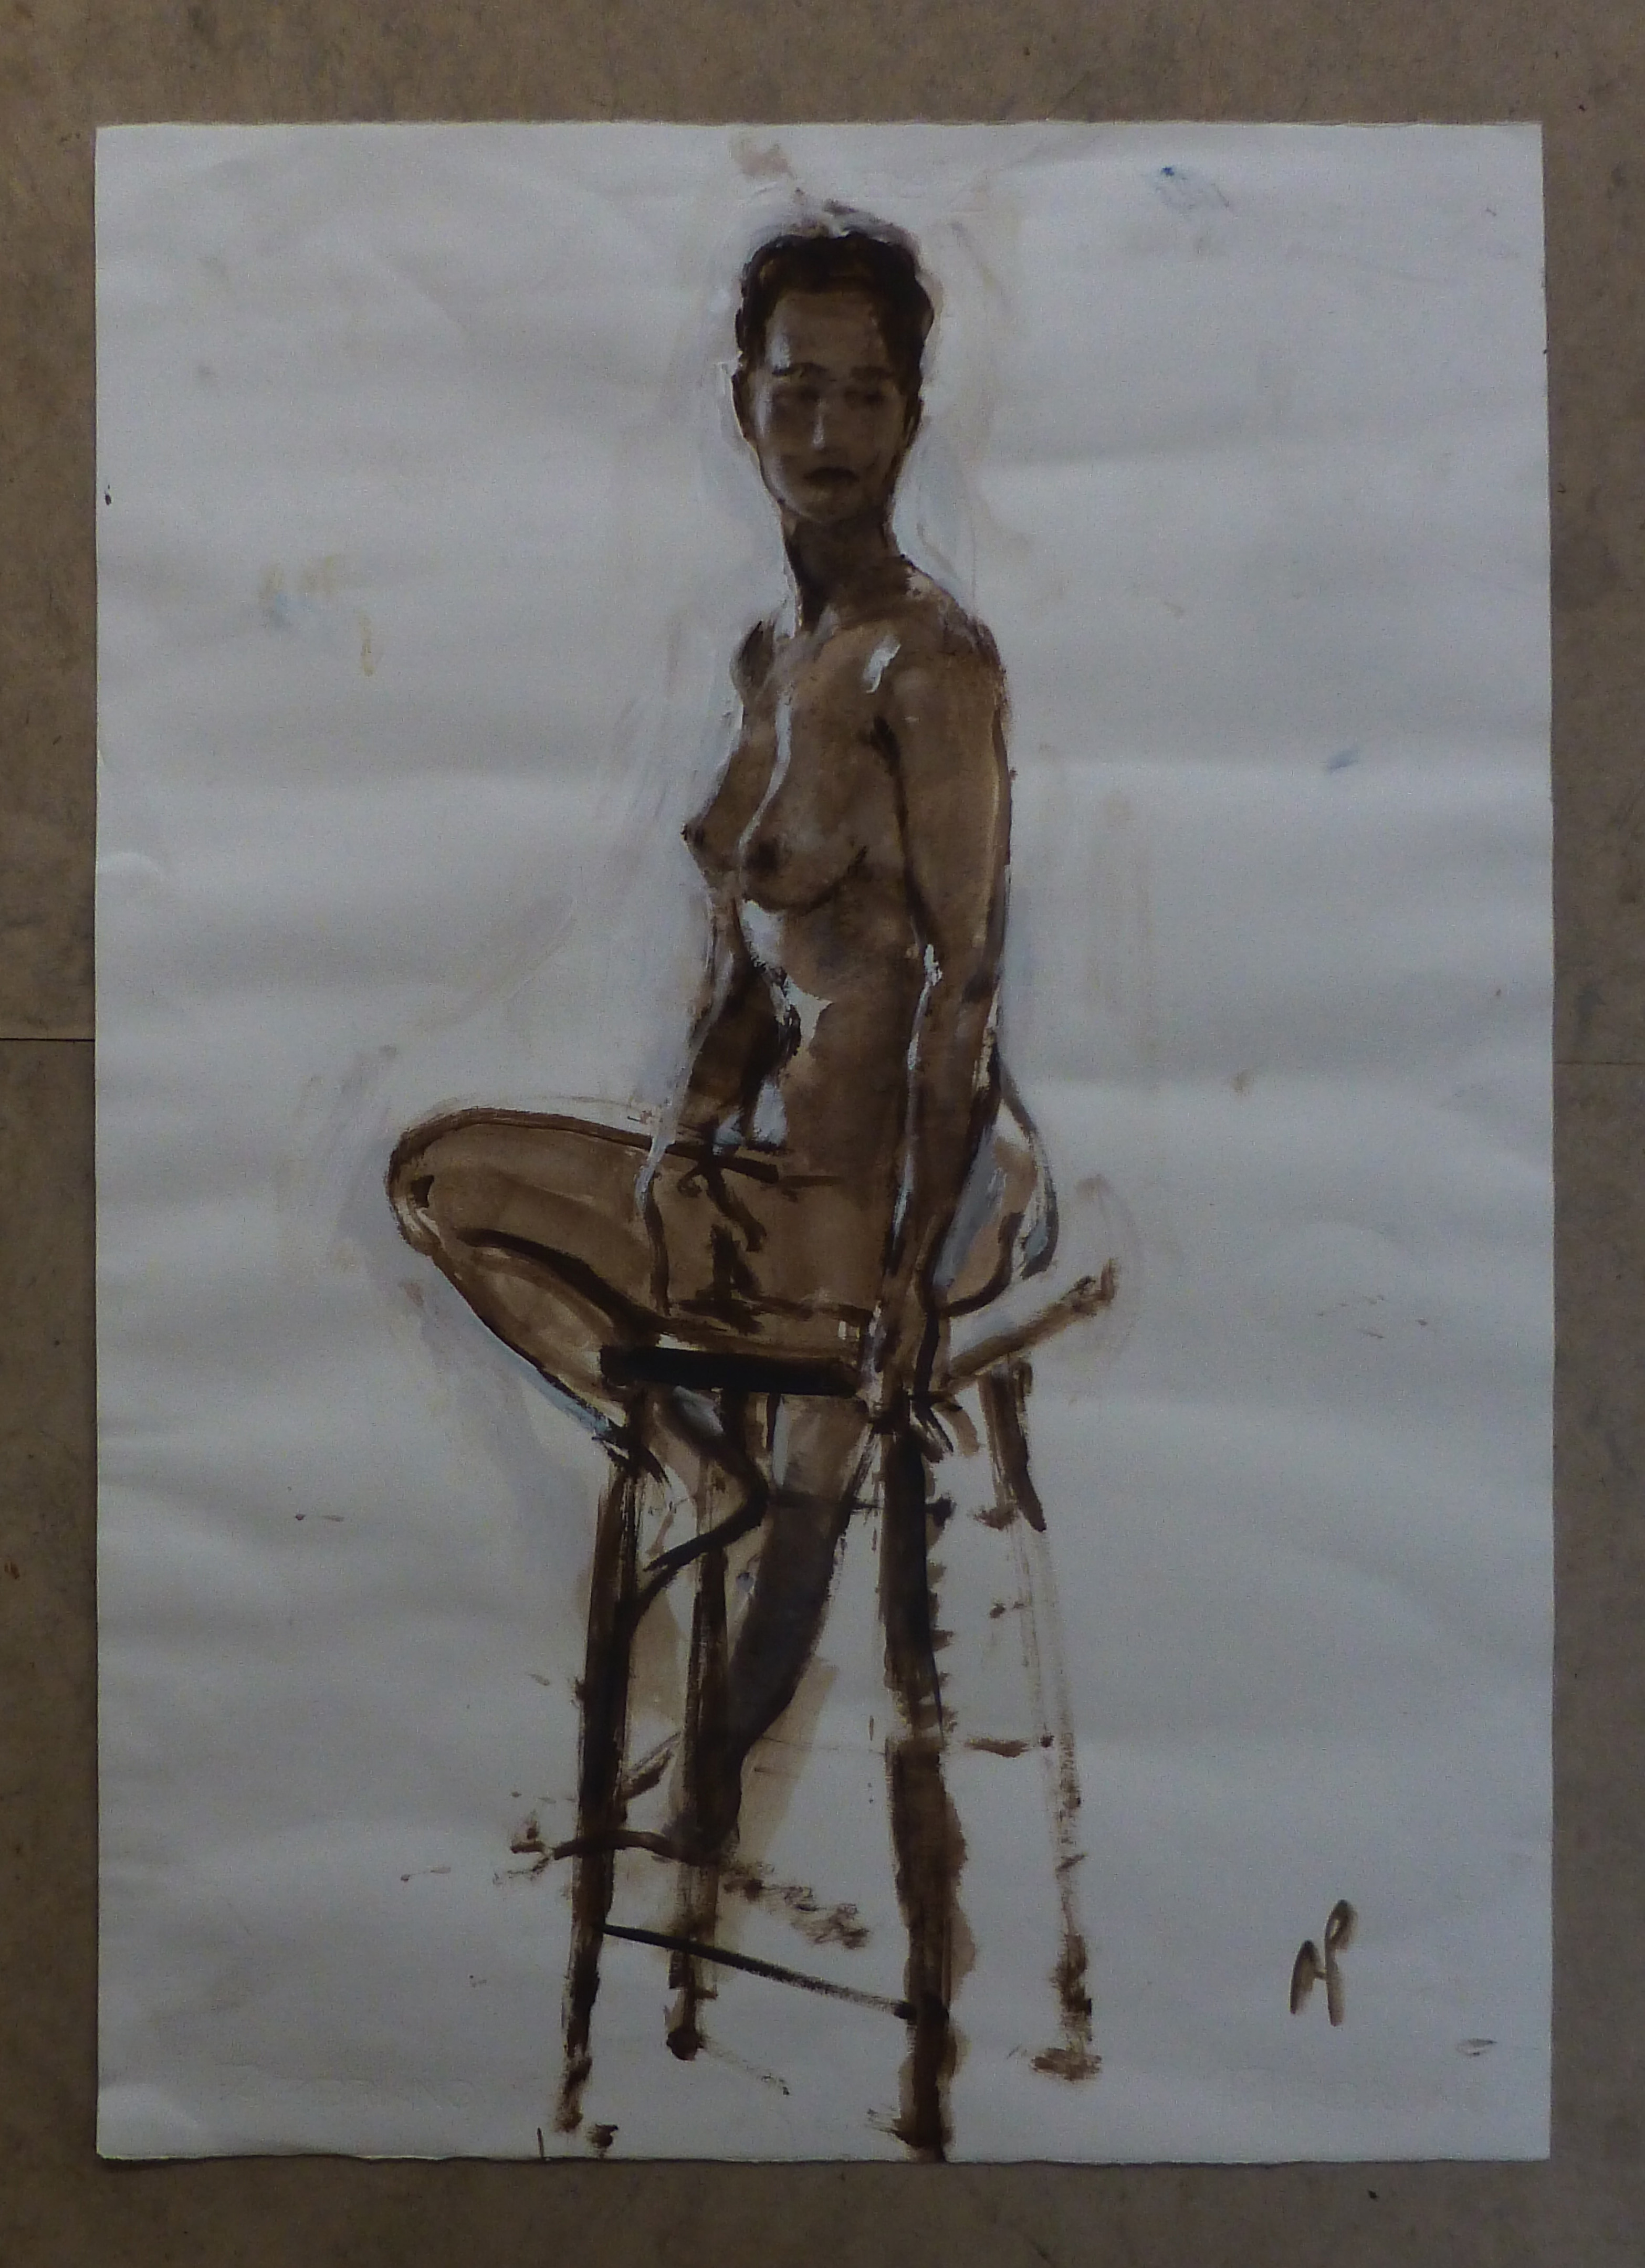 Nude on Stool